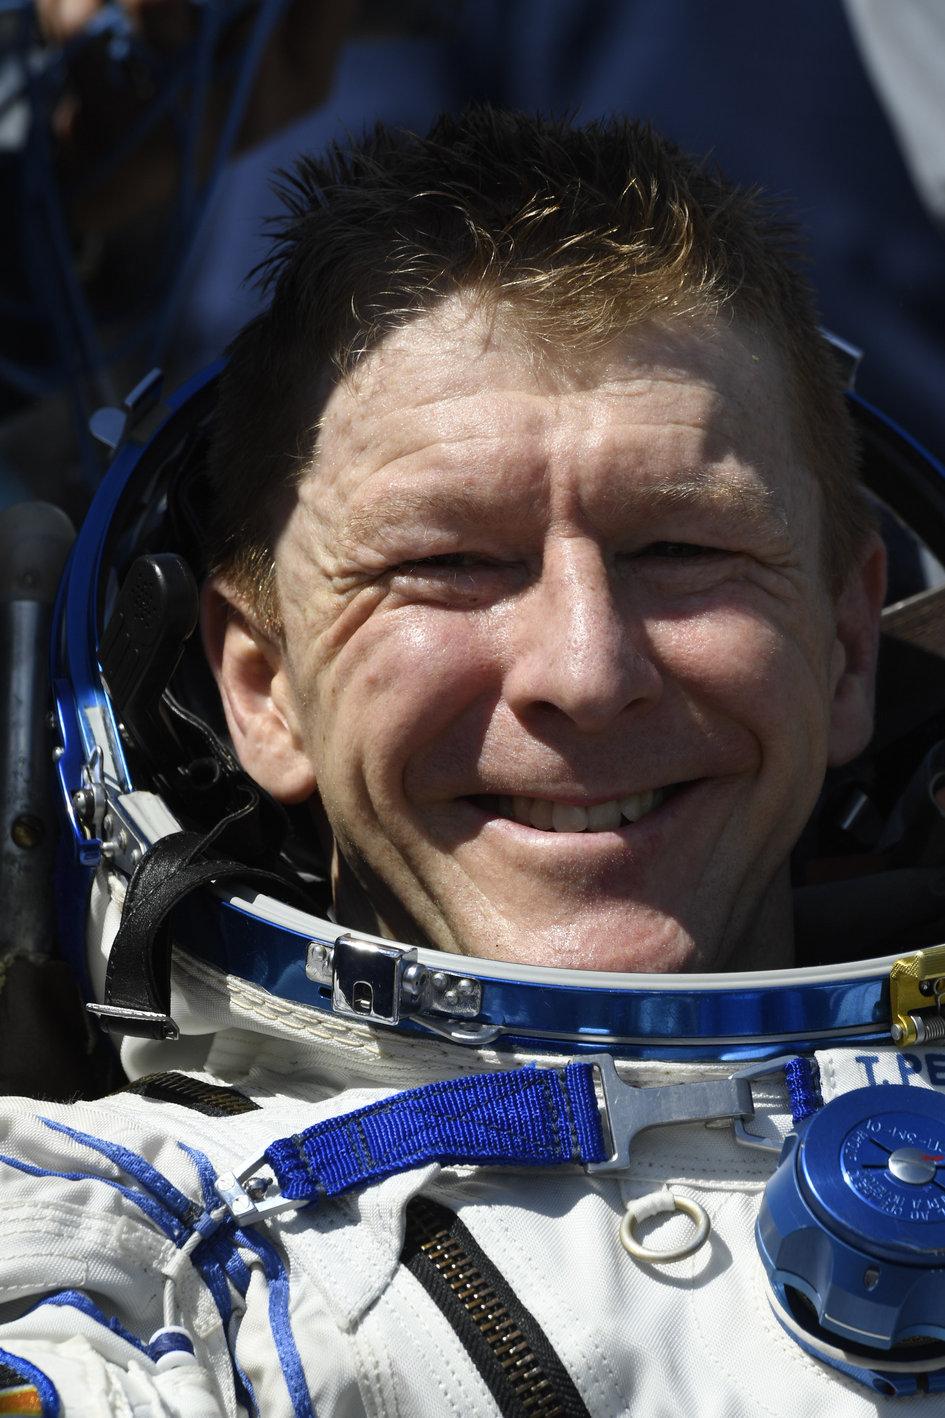 Tim Peake after landing